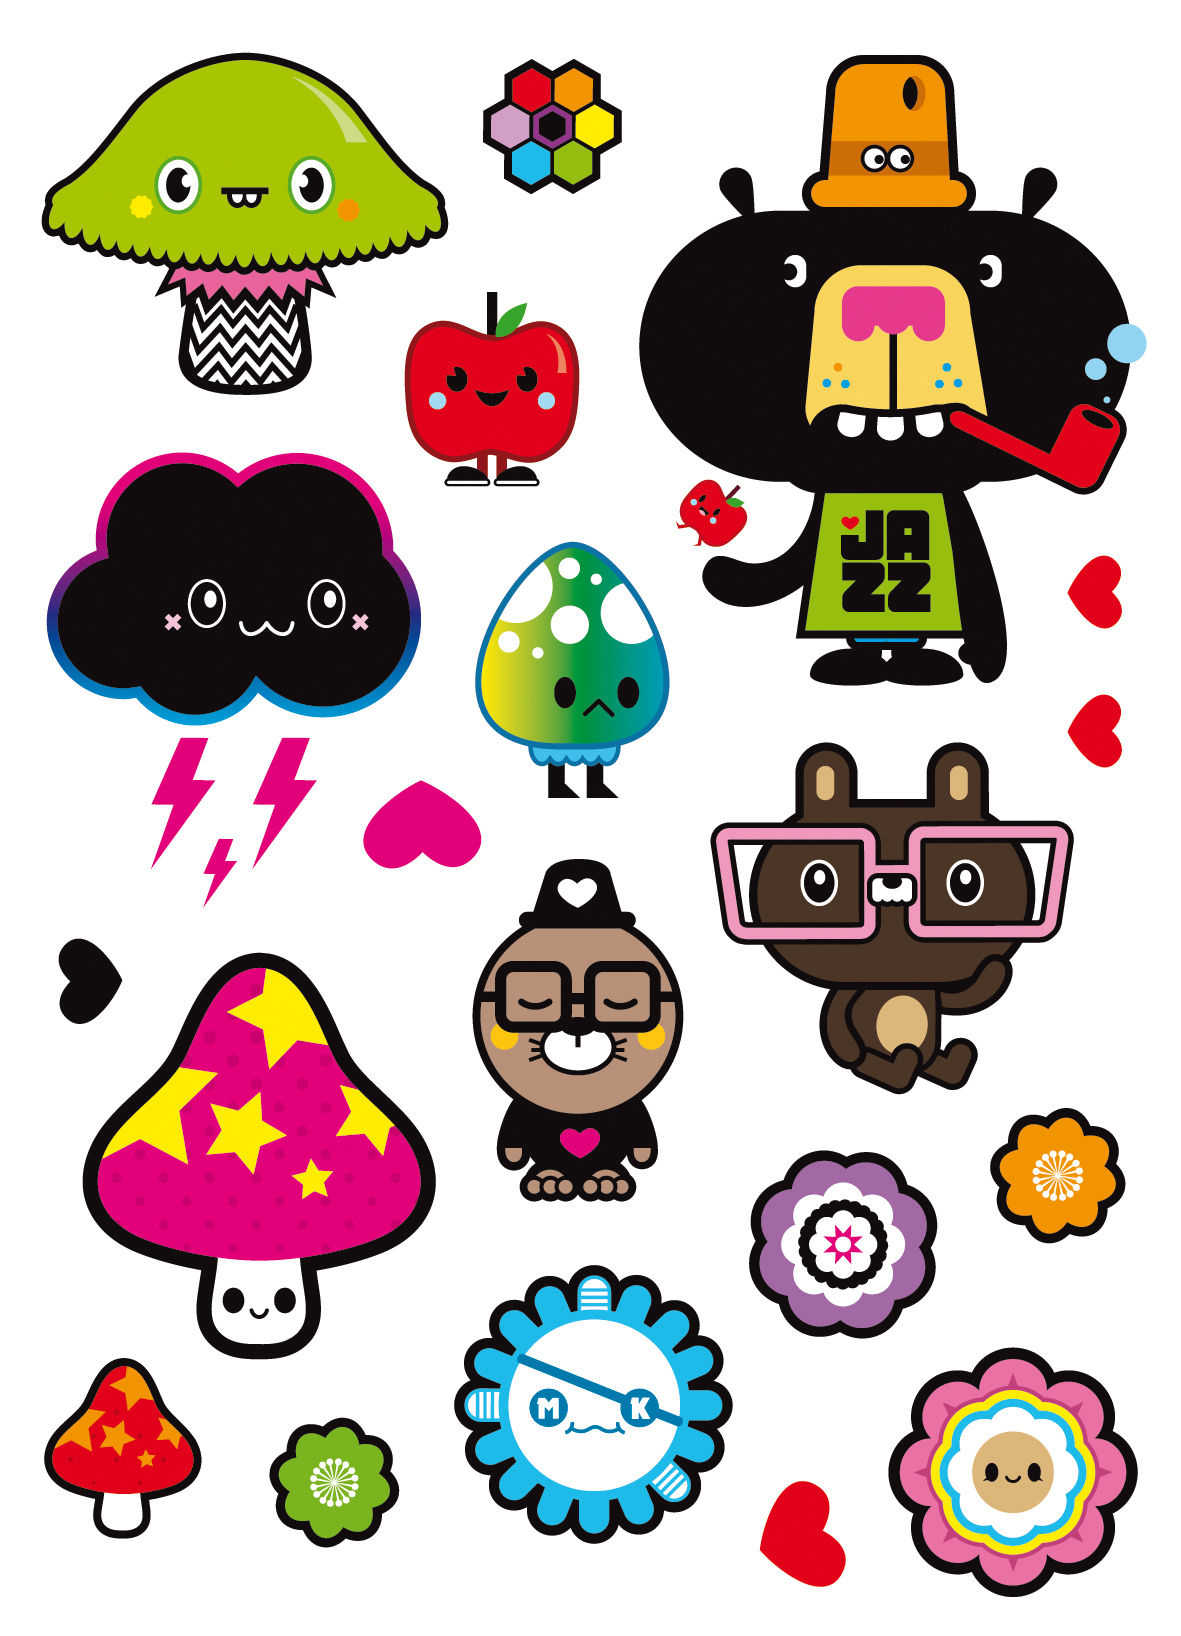 Interni - Per bambini - Sticker Adopt me - Set di 15 Mini stickers di Domestic - Grafismo firmato Tado - Vinile